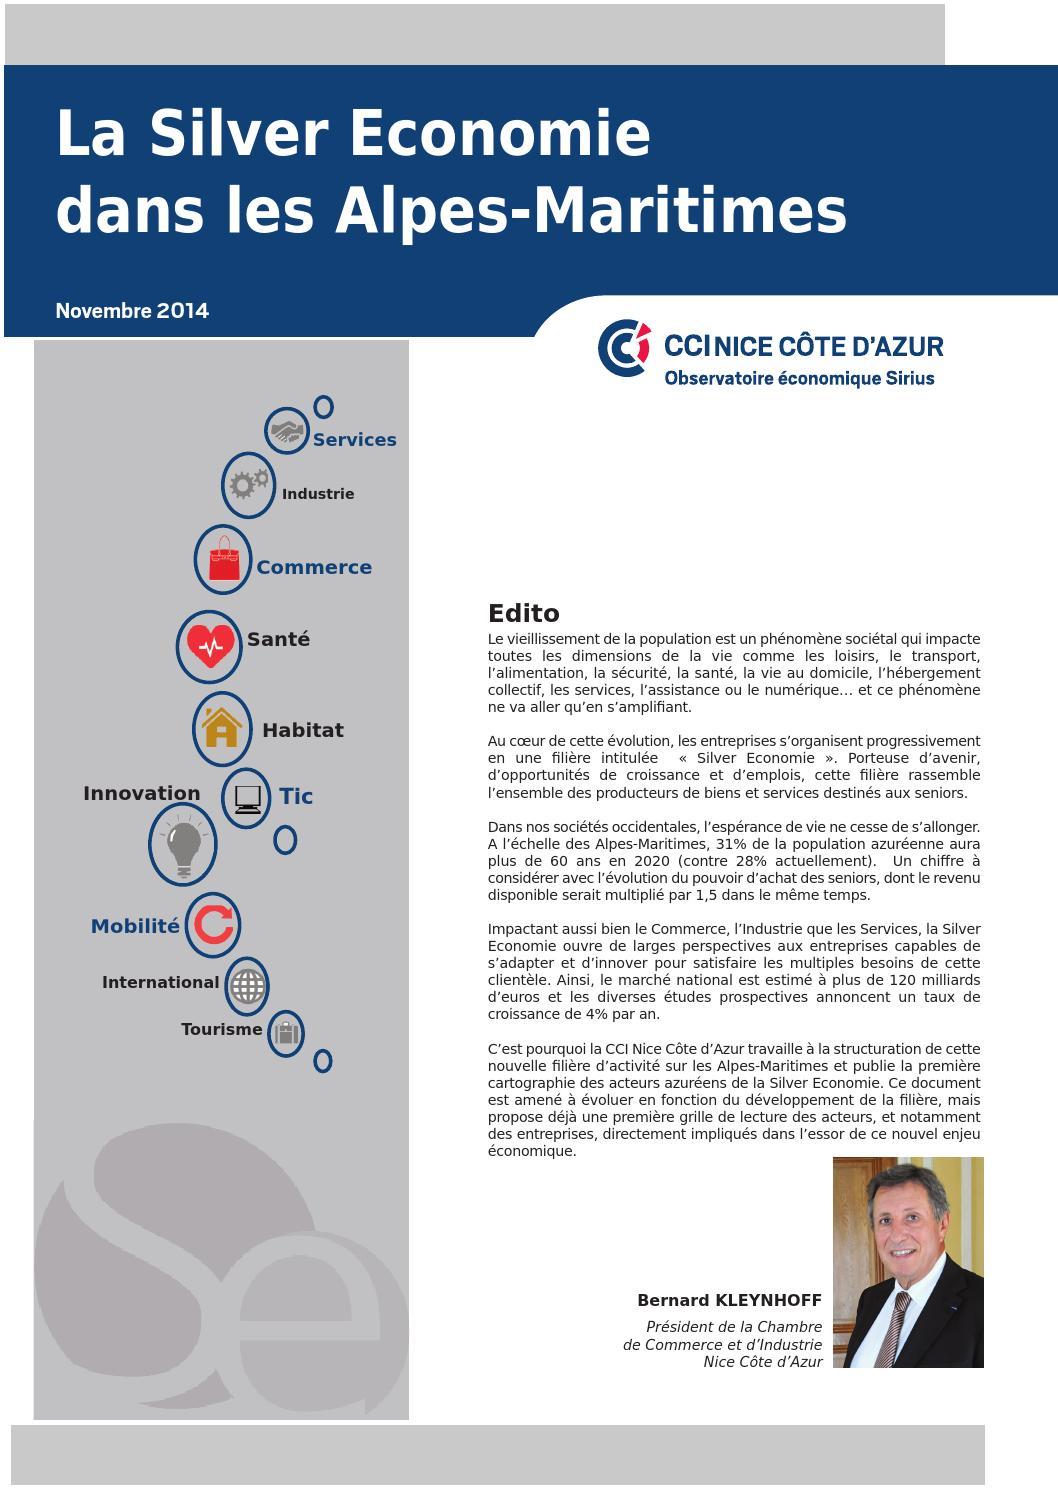 La silver économie dans les Alpes-Maritimes by CCI Nice Côte d Azur - issuu b67b4796764